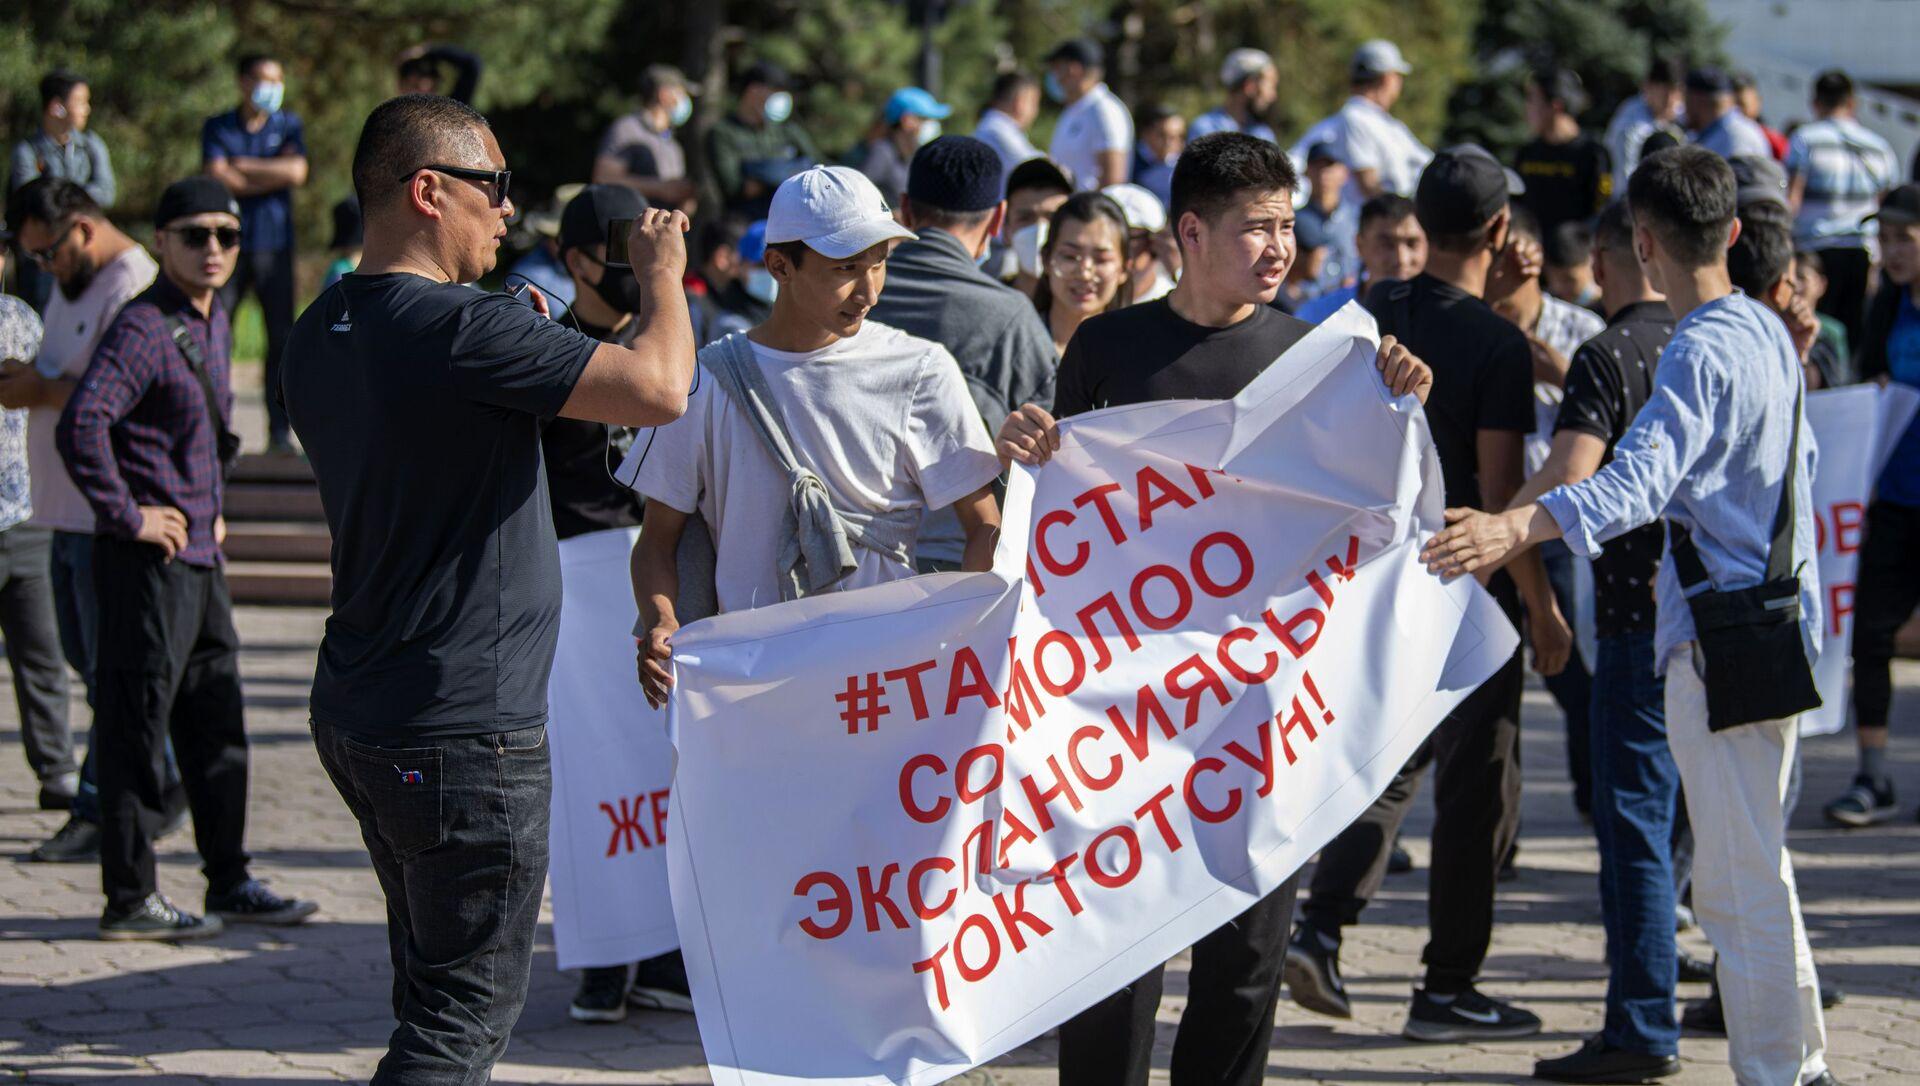 Участники митинга возле Дома правительства Киргизии в Бишкеке с требованием урегулировать ситуацию на границе с Таджикистаном - Sputnik Беларусь, 1920, 29.04.2021